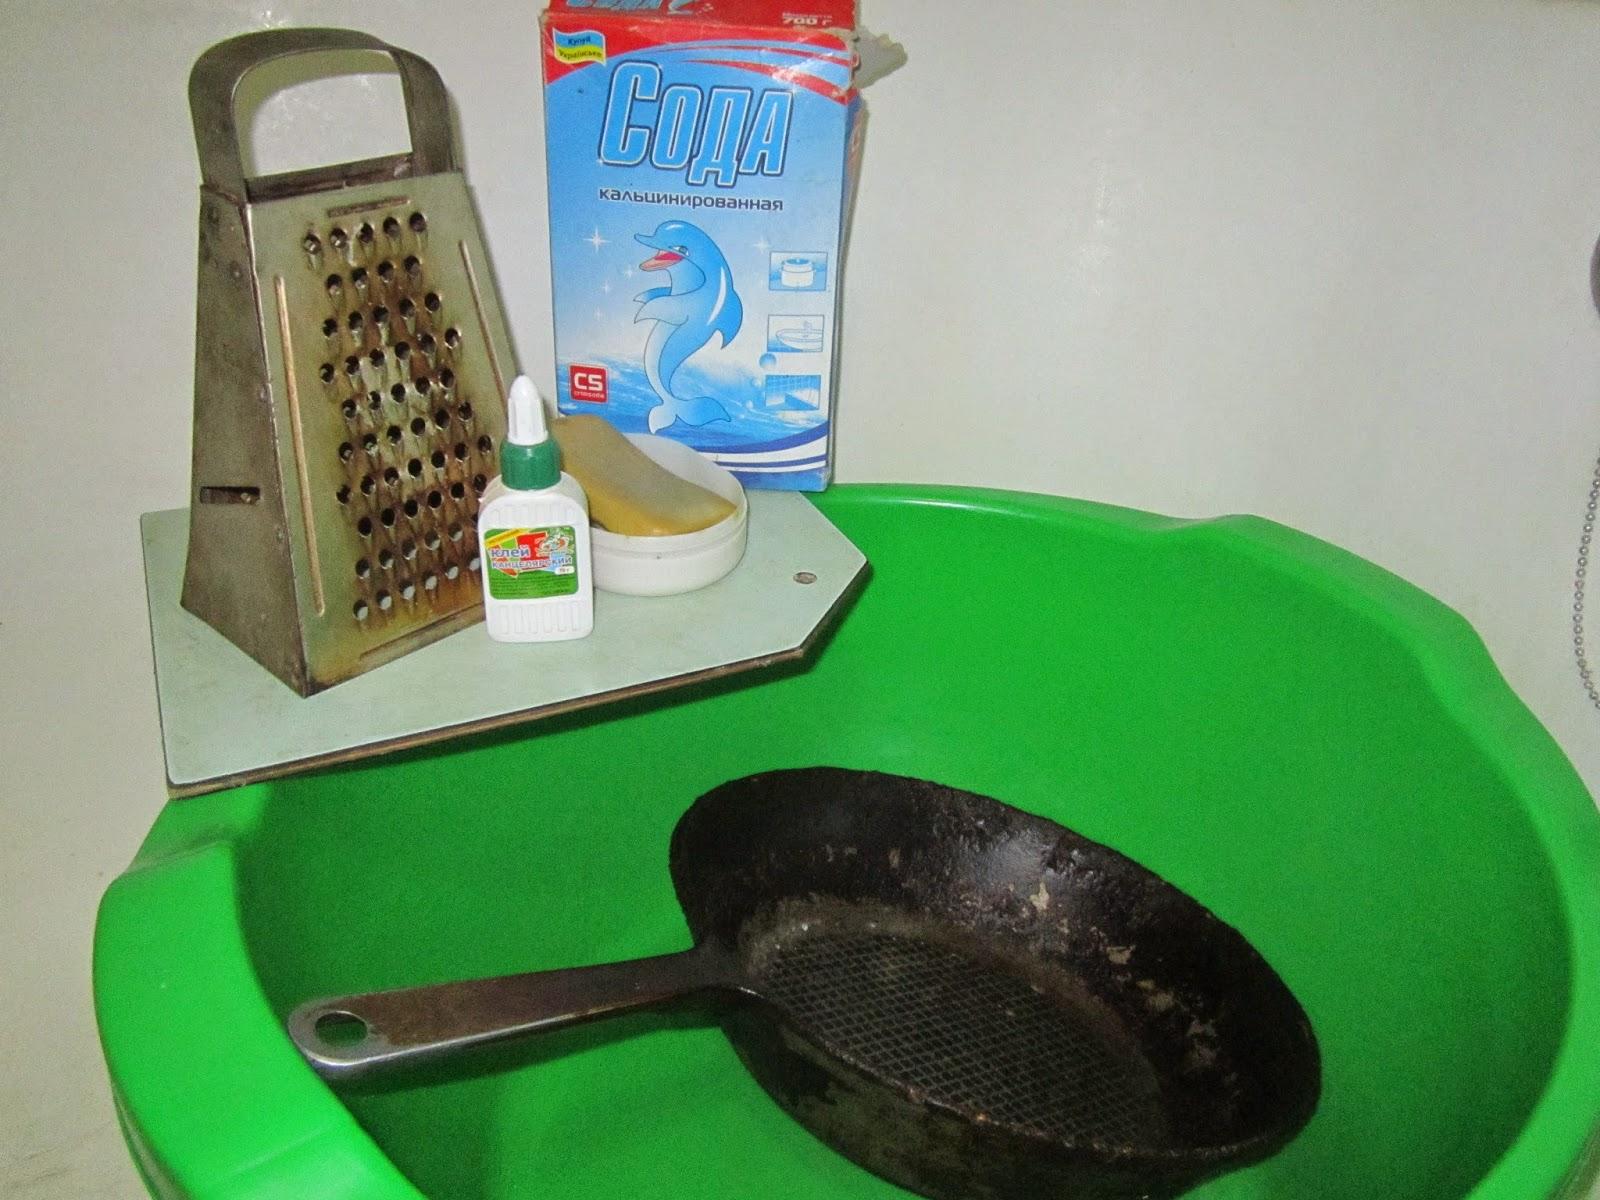 Чистка сковороды содой и клеем